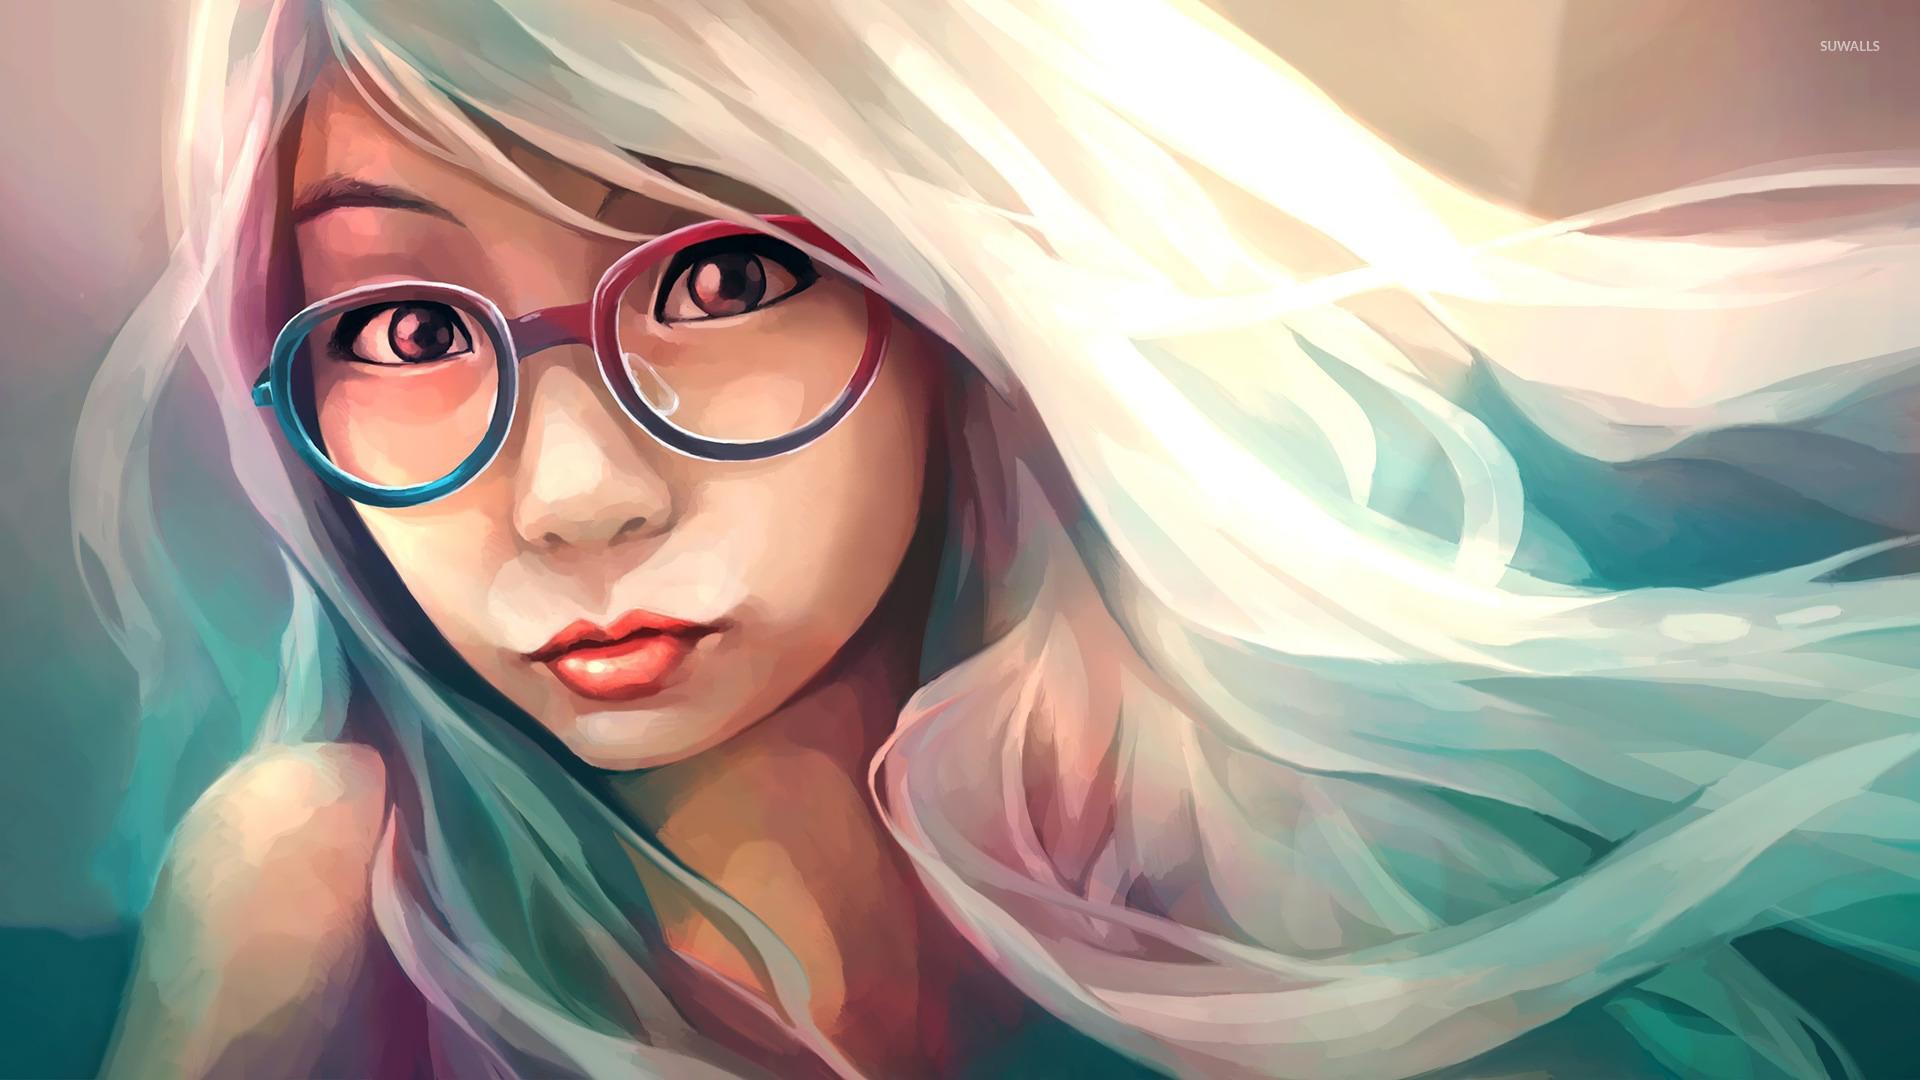 Hipster girl wallpaper - Digital Art